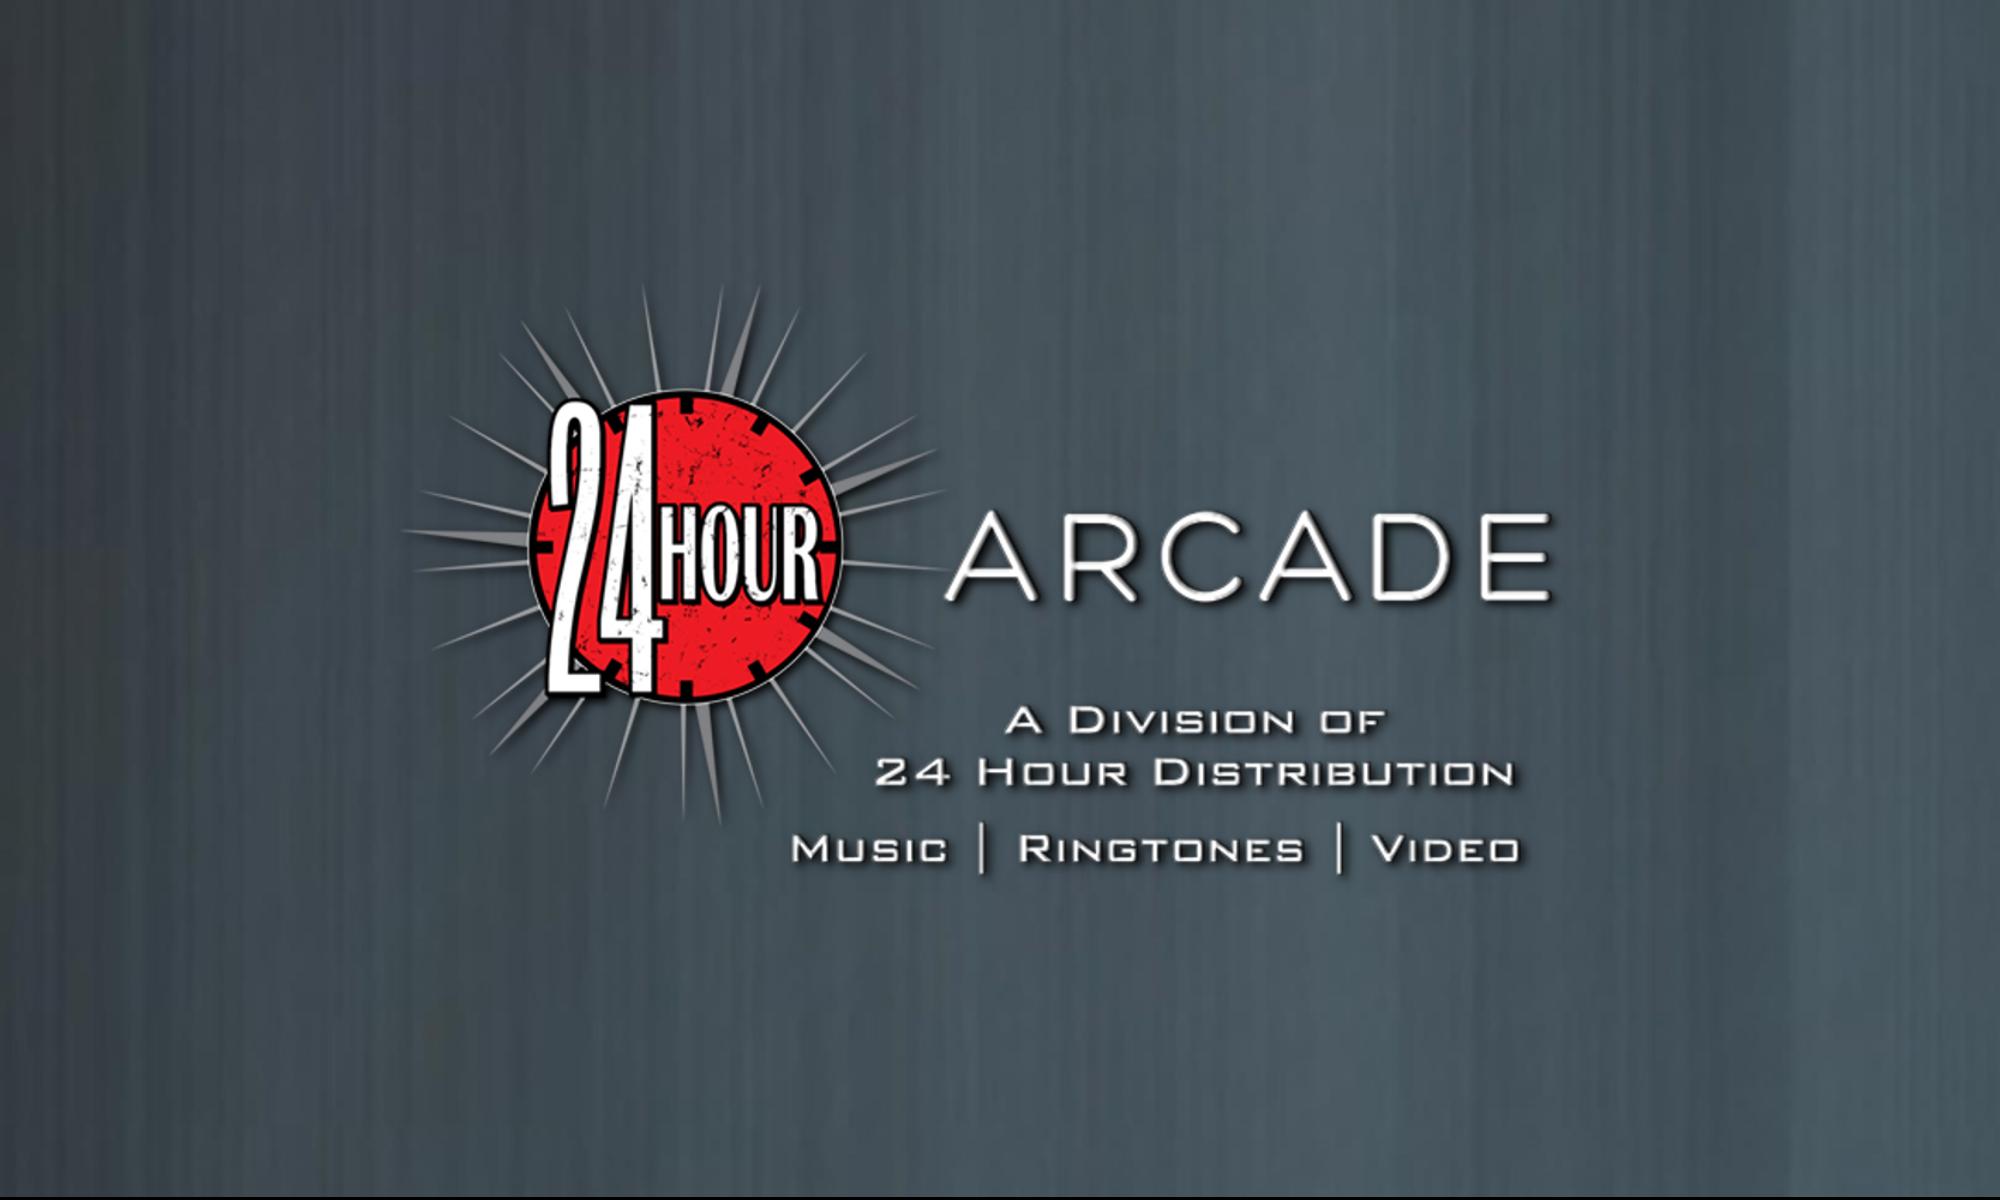 24 Hour Arcade